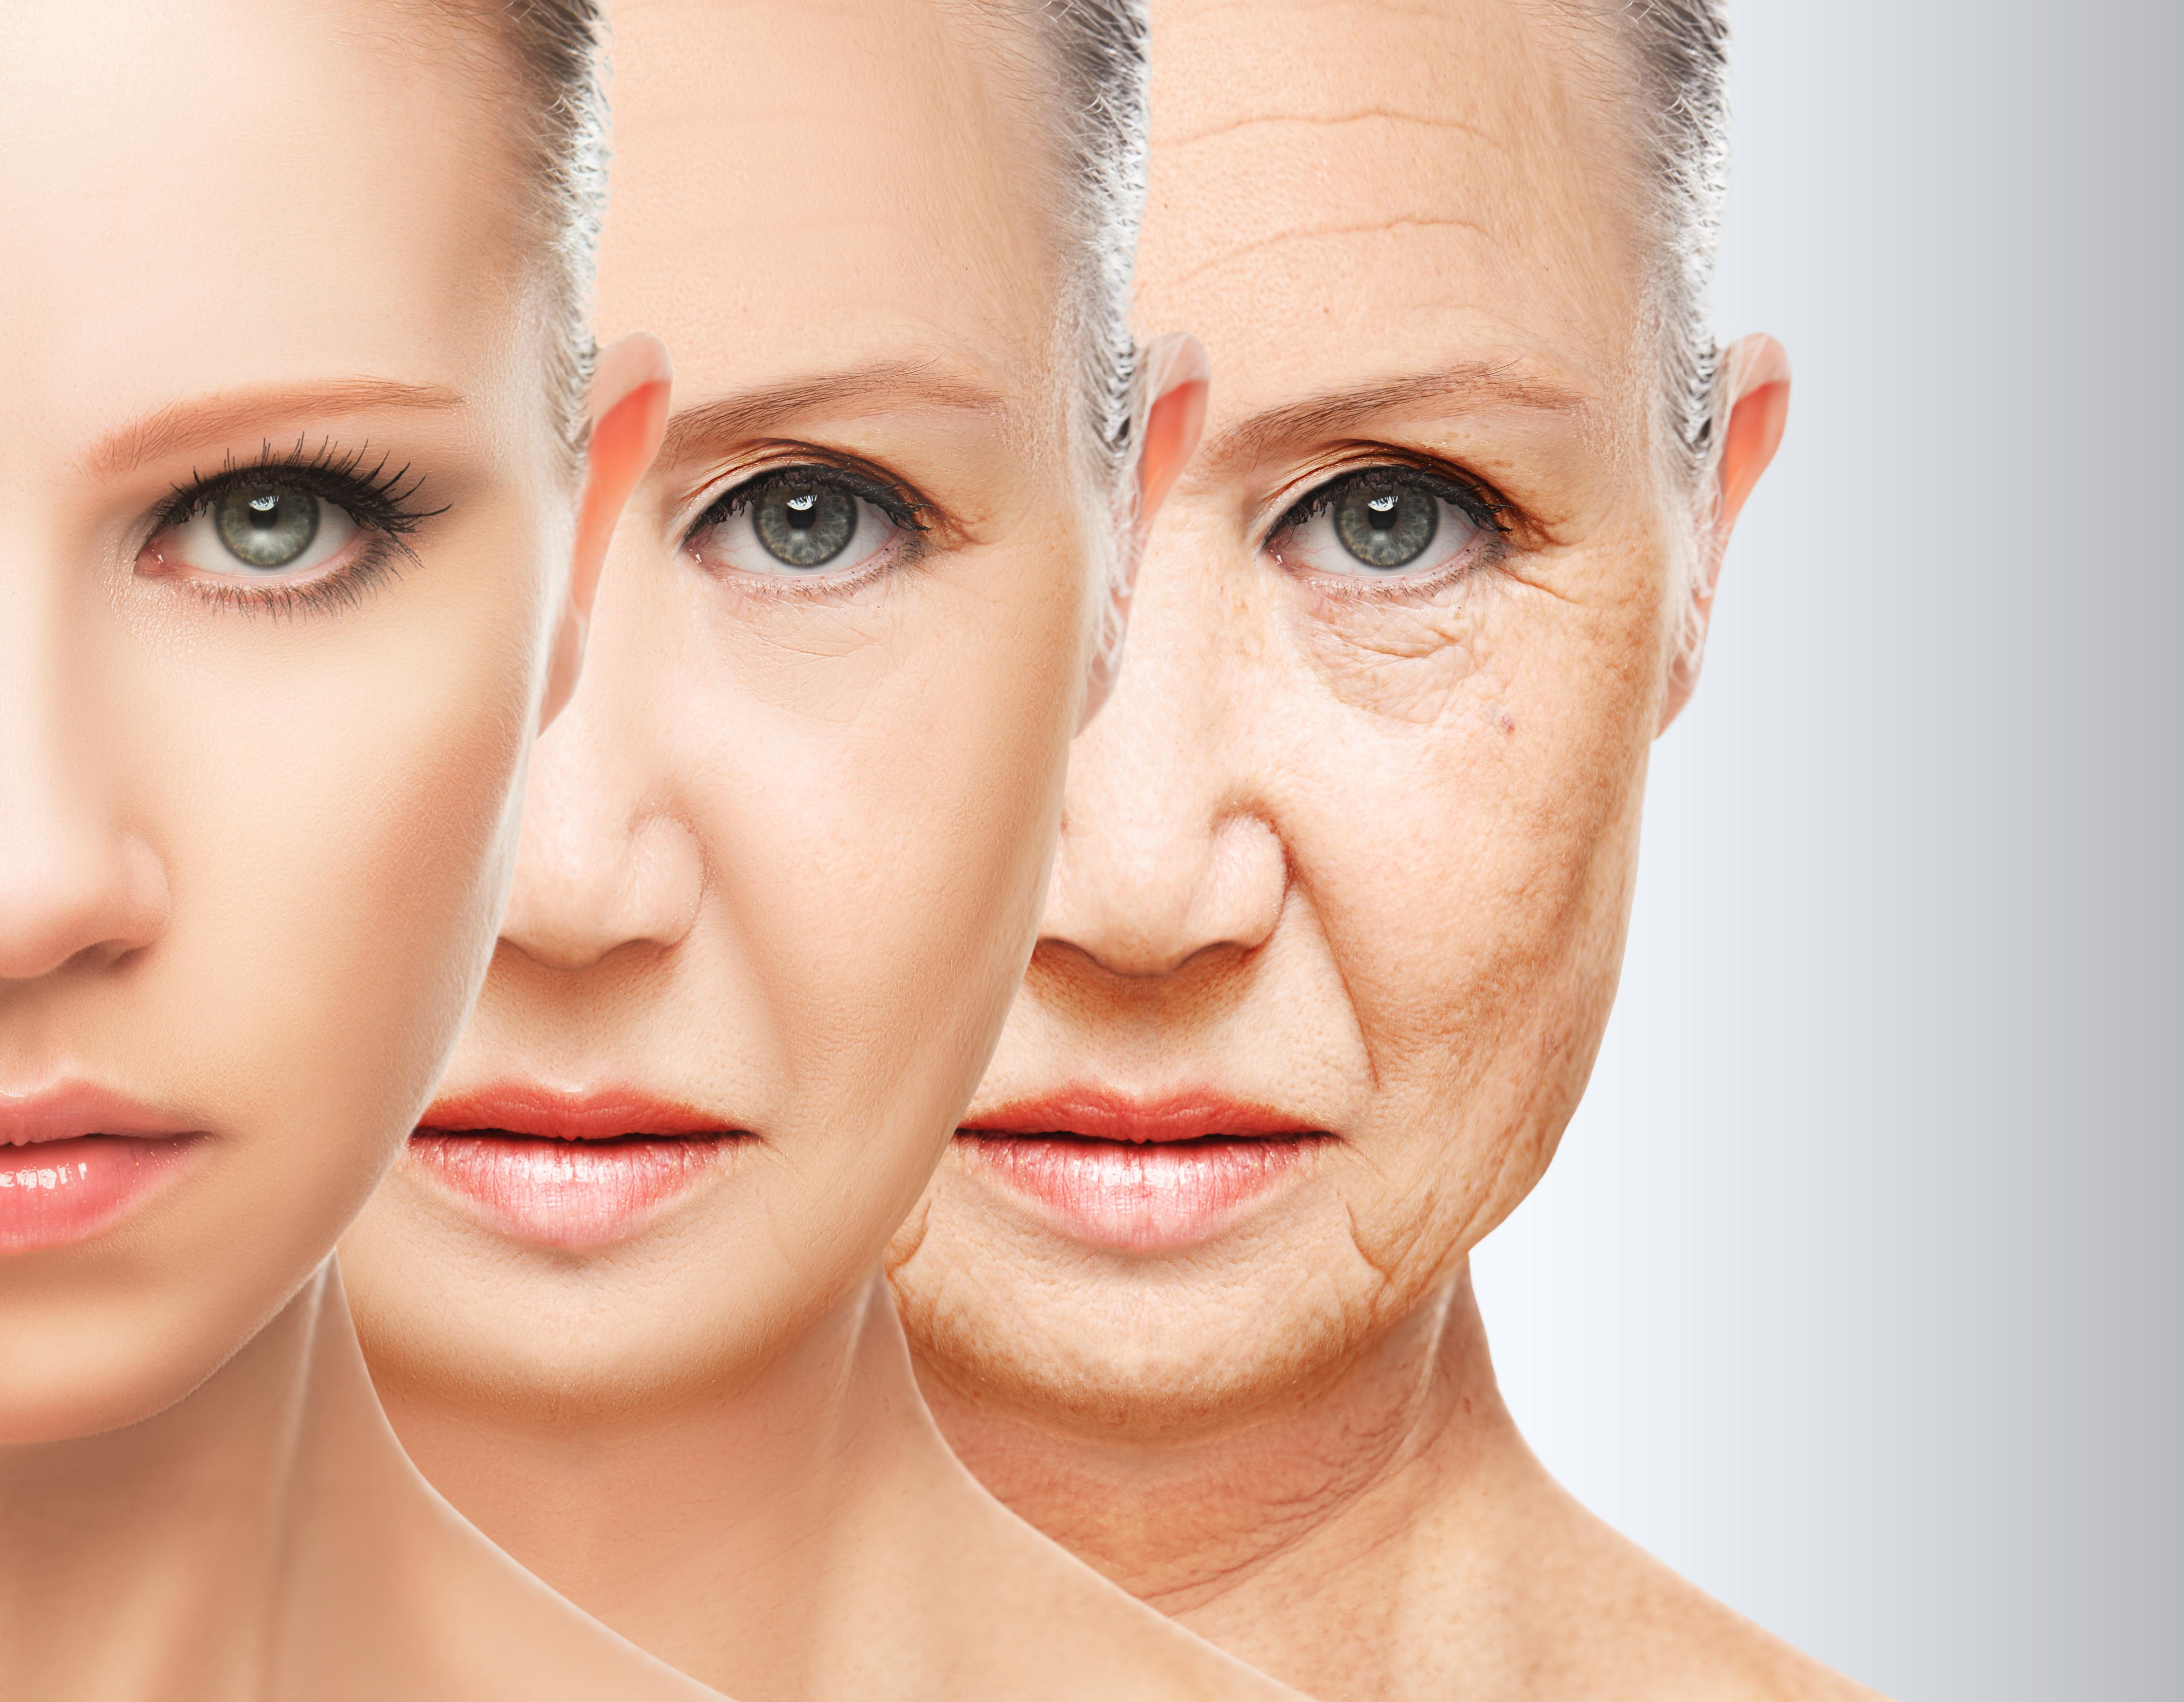 Skin Cancer Risk Factors